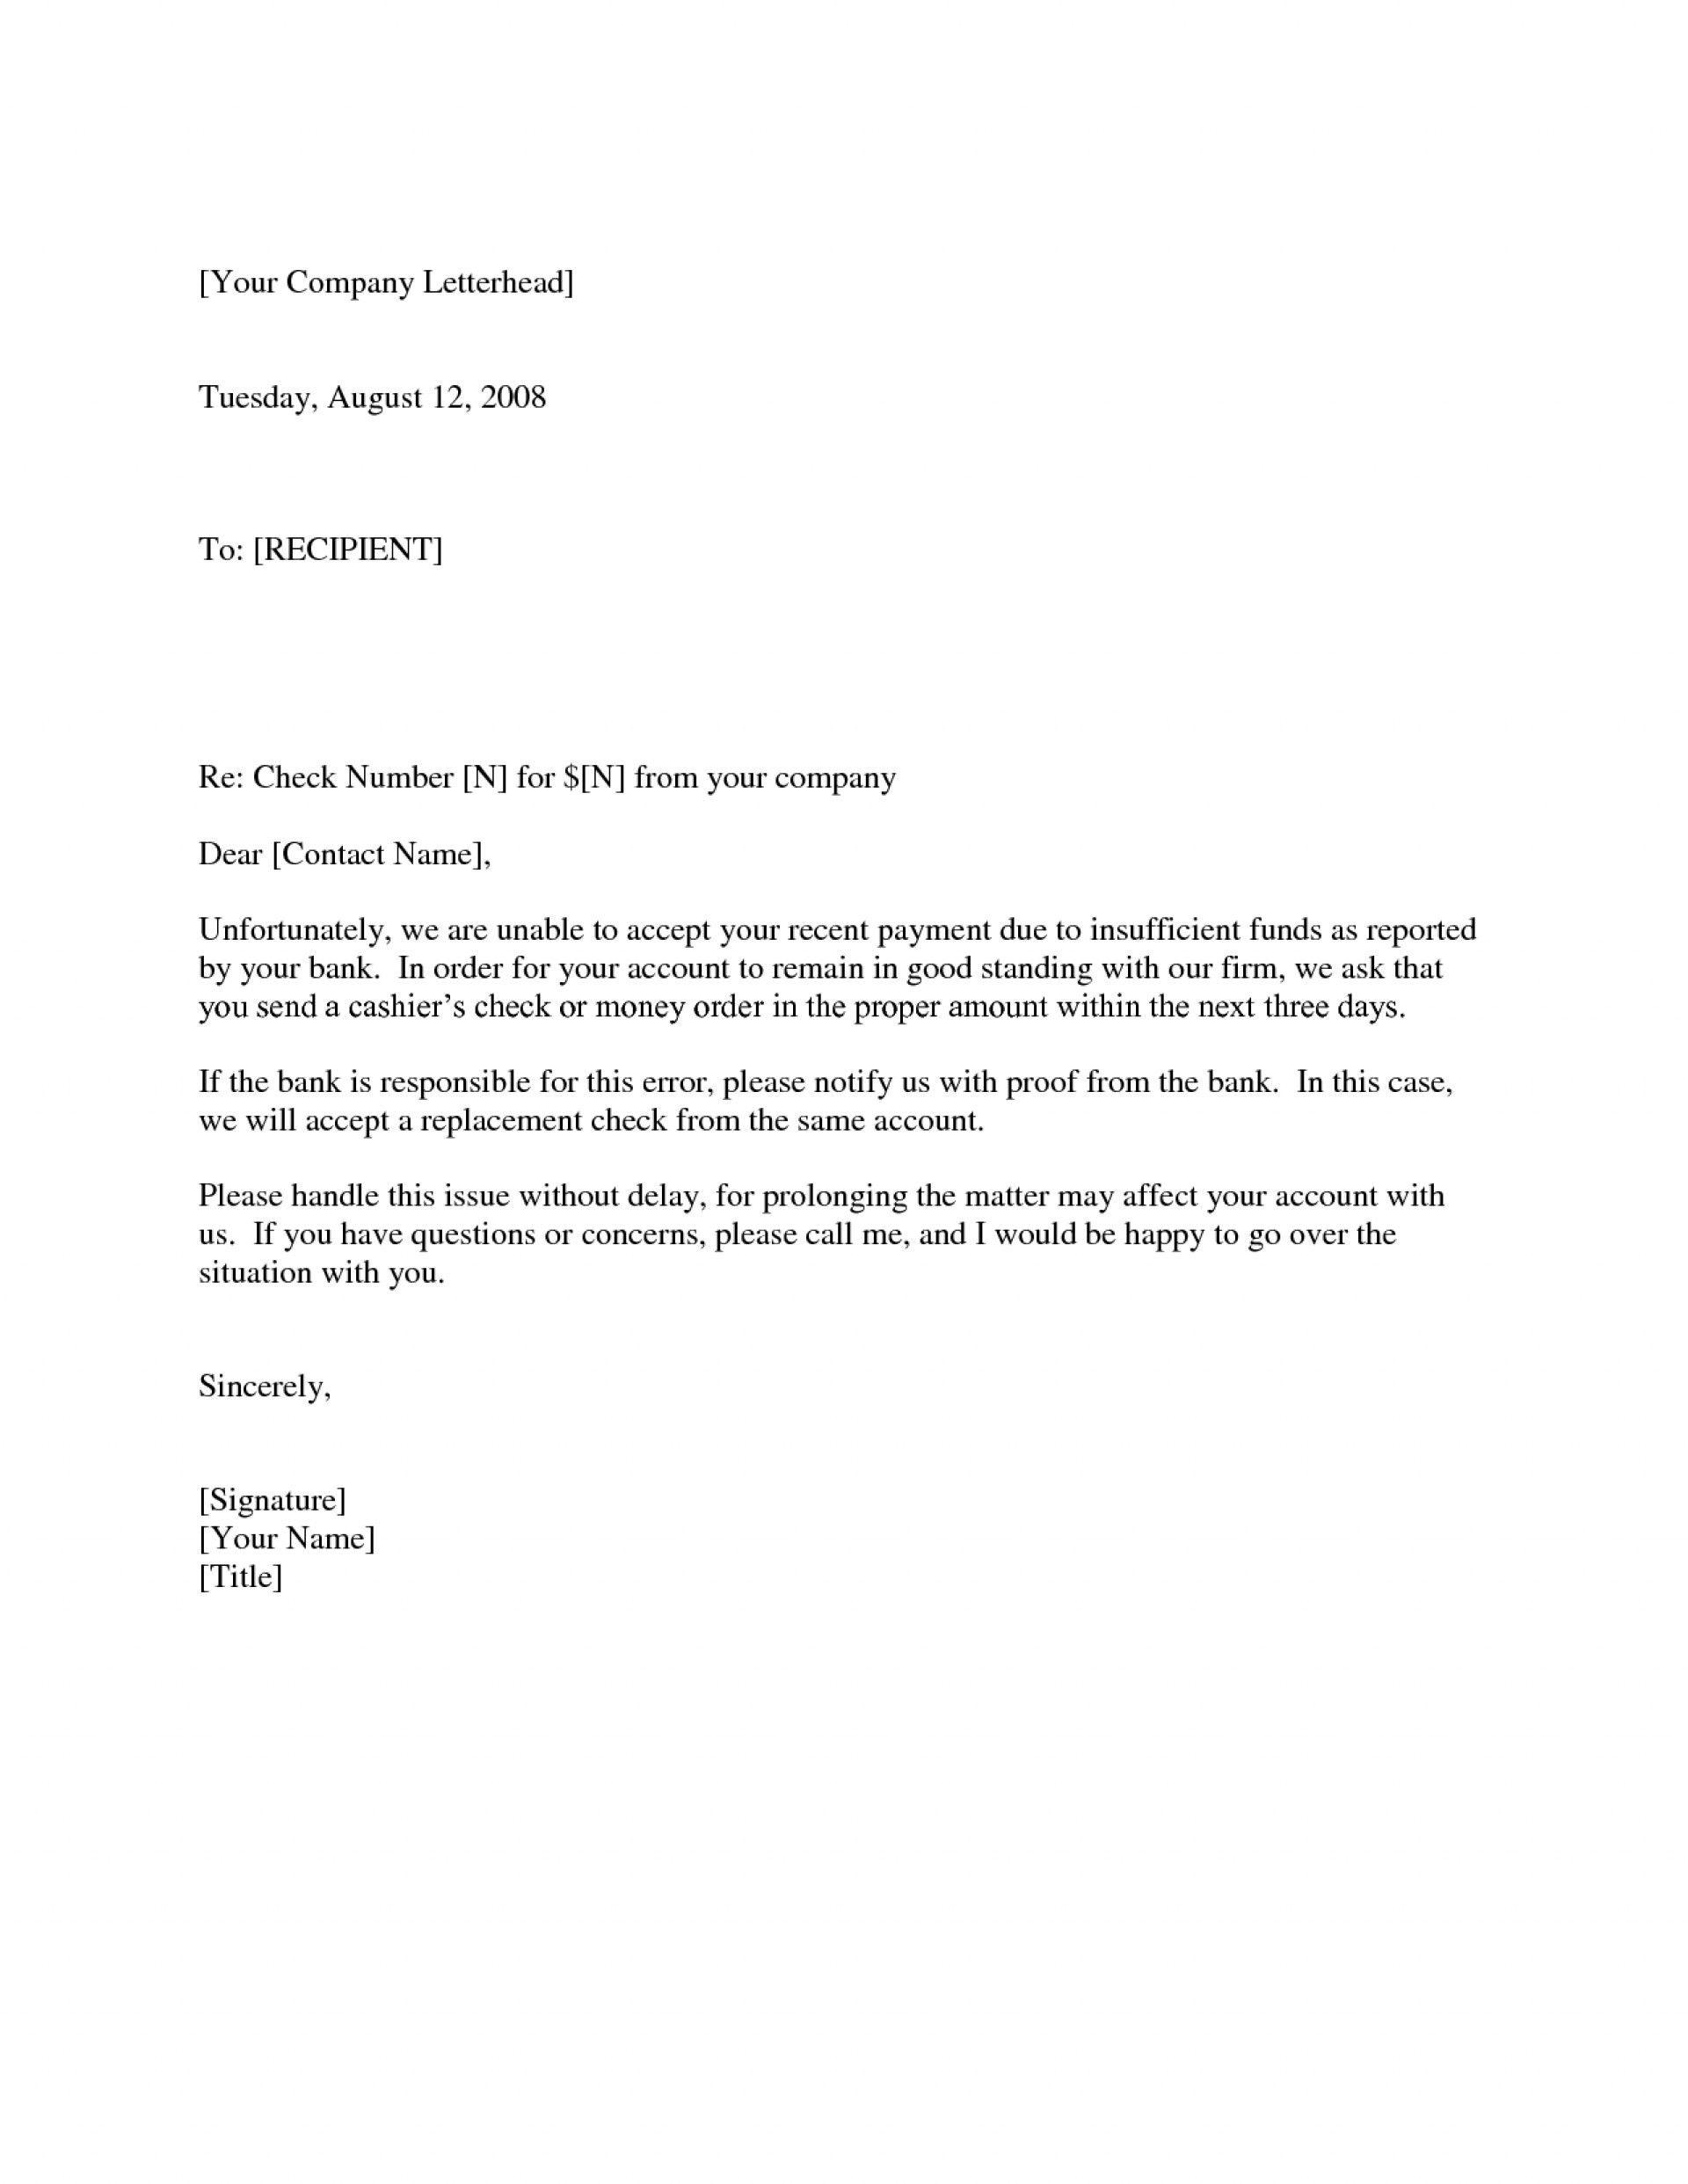 Valid Check Reissue Letter Letter Lettersample Lettertemplate